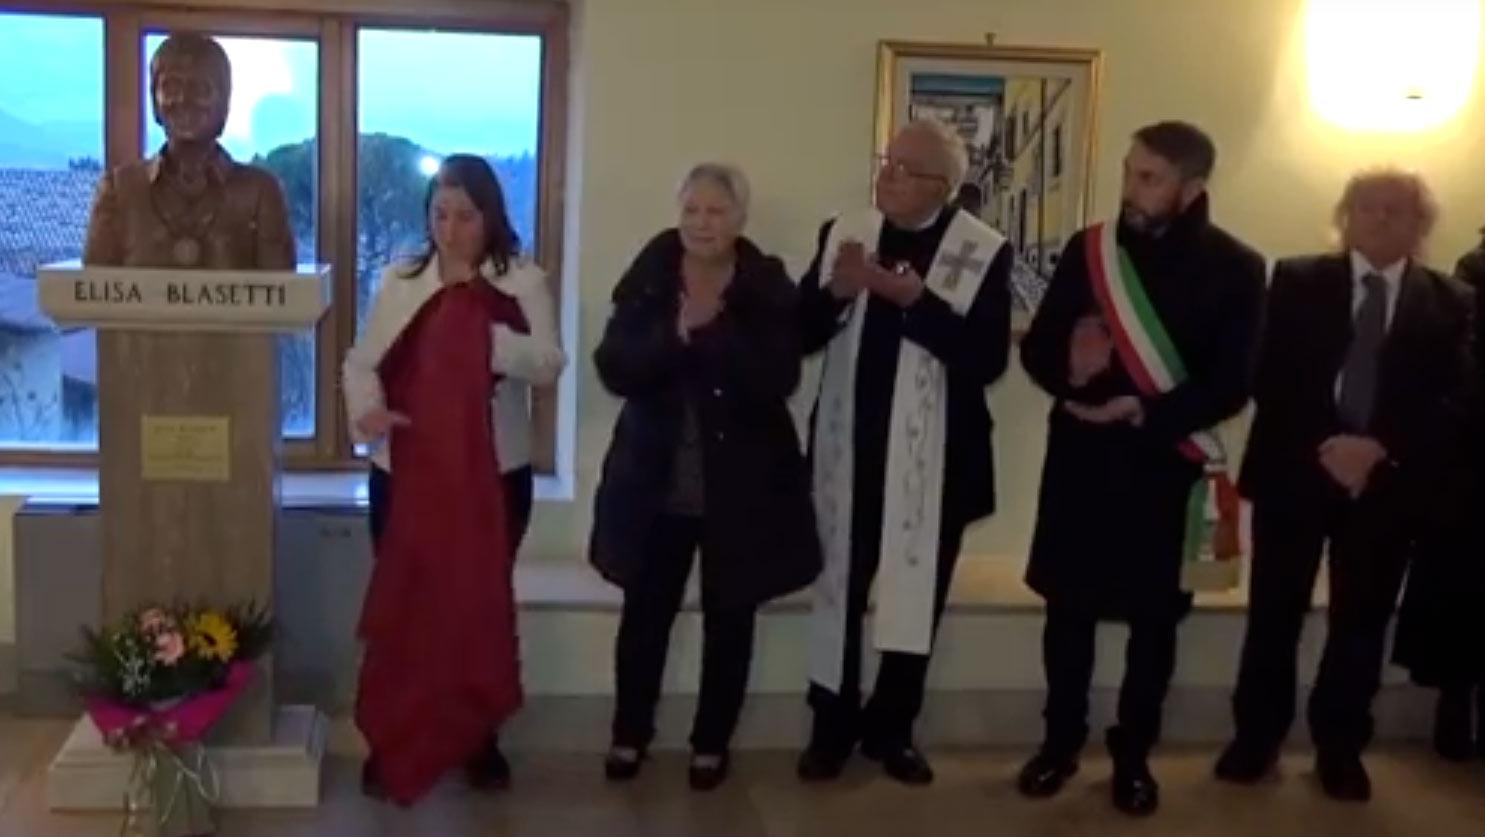 """Elisa Blasetti """"svelata"""" al Talia di Tagliacozzo, il coro Luigi Venturini ricorda la fondatrice nel ventennale della scomparsa"""